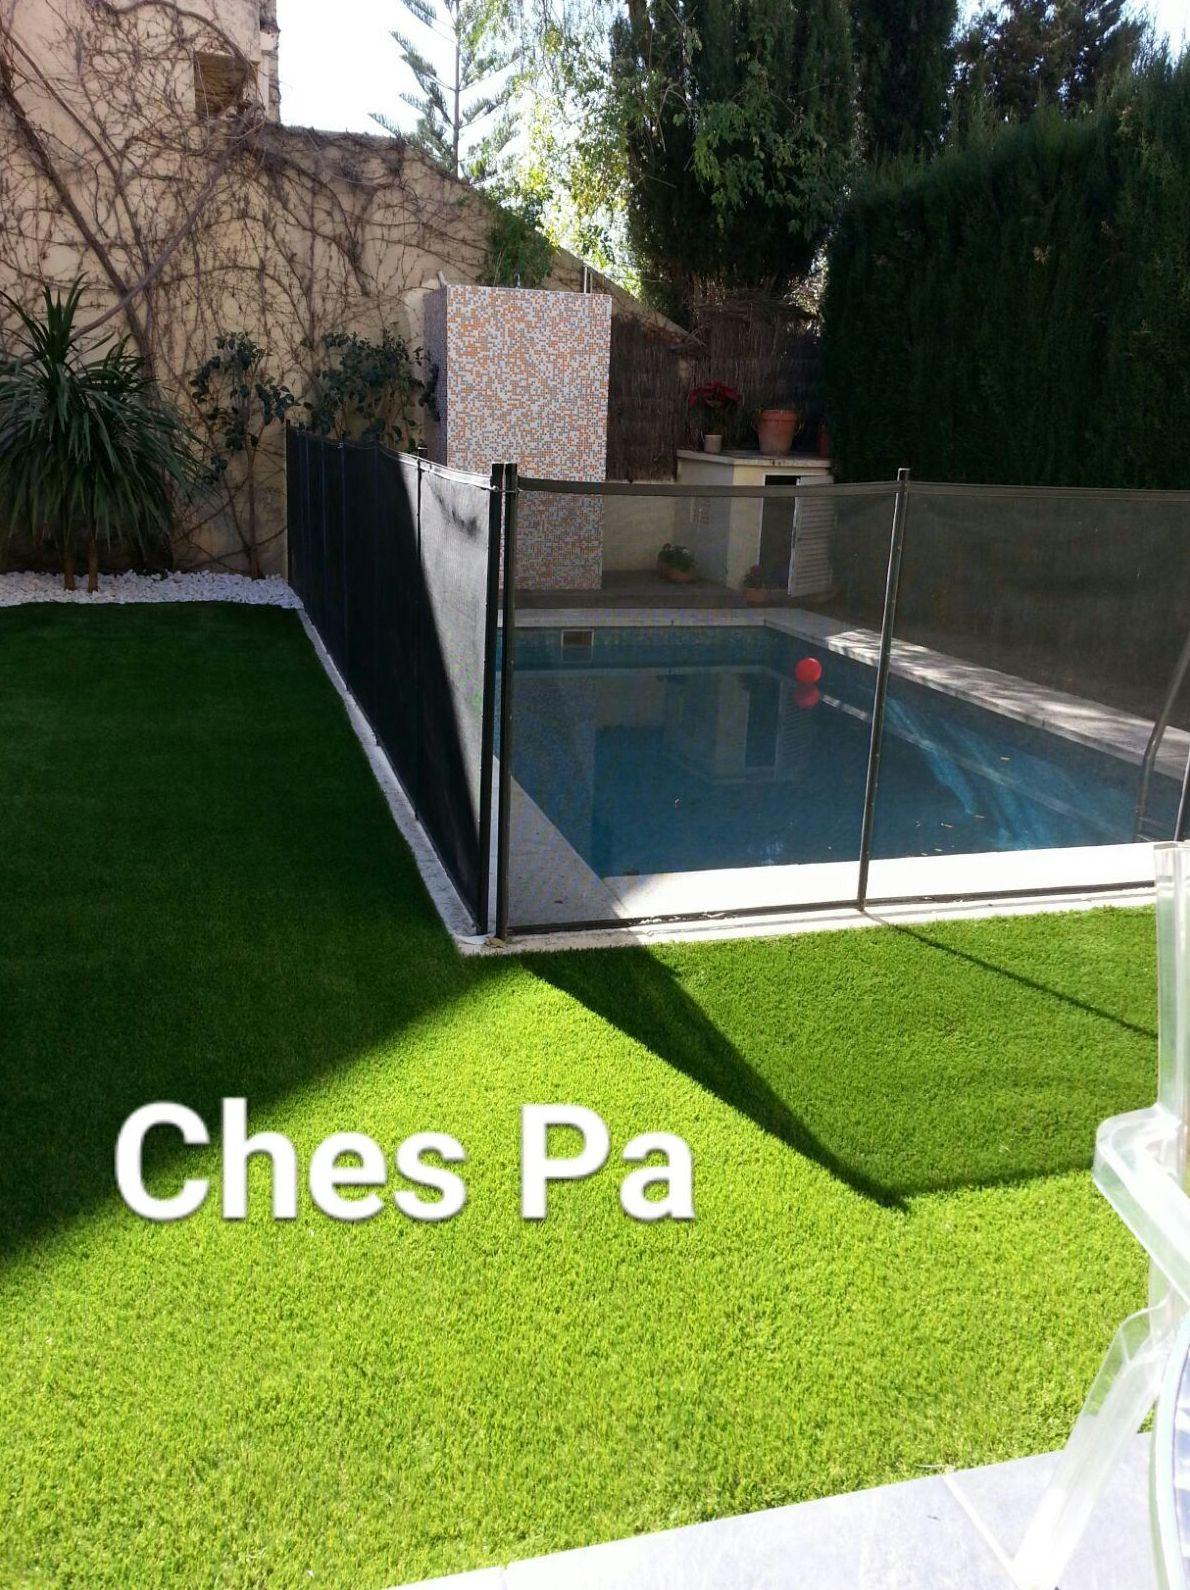 Proyecto Ches Pa. Despues en vivienda particular en Valencia